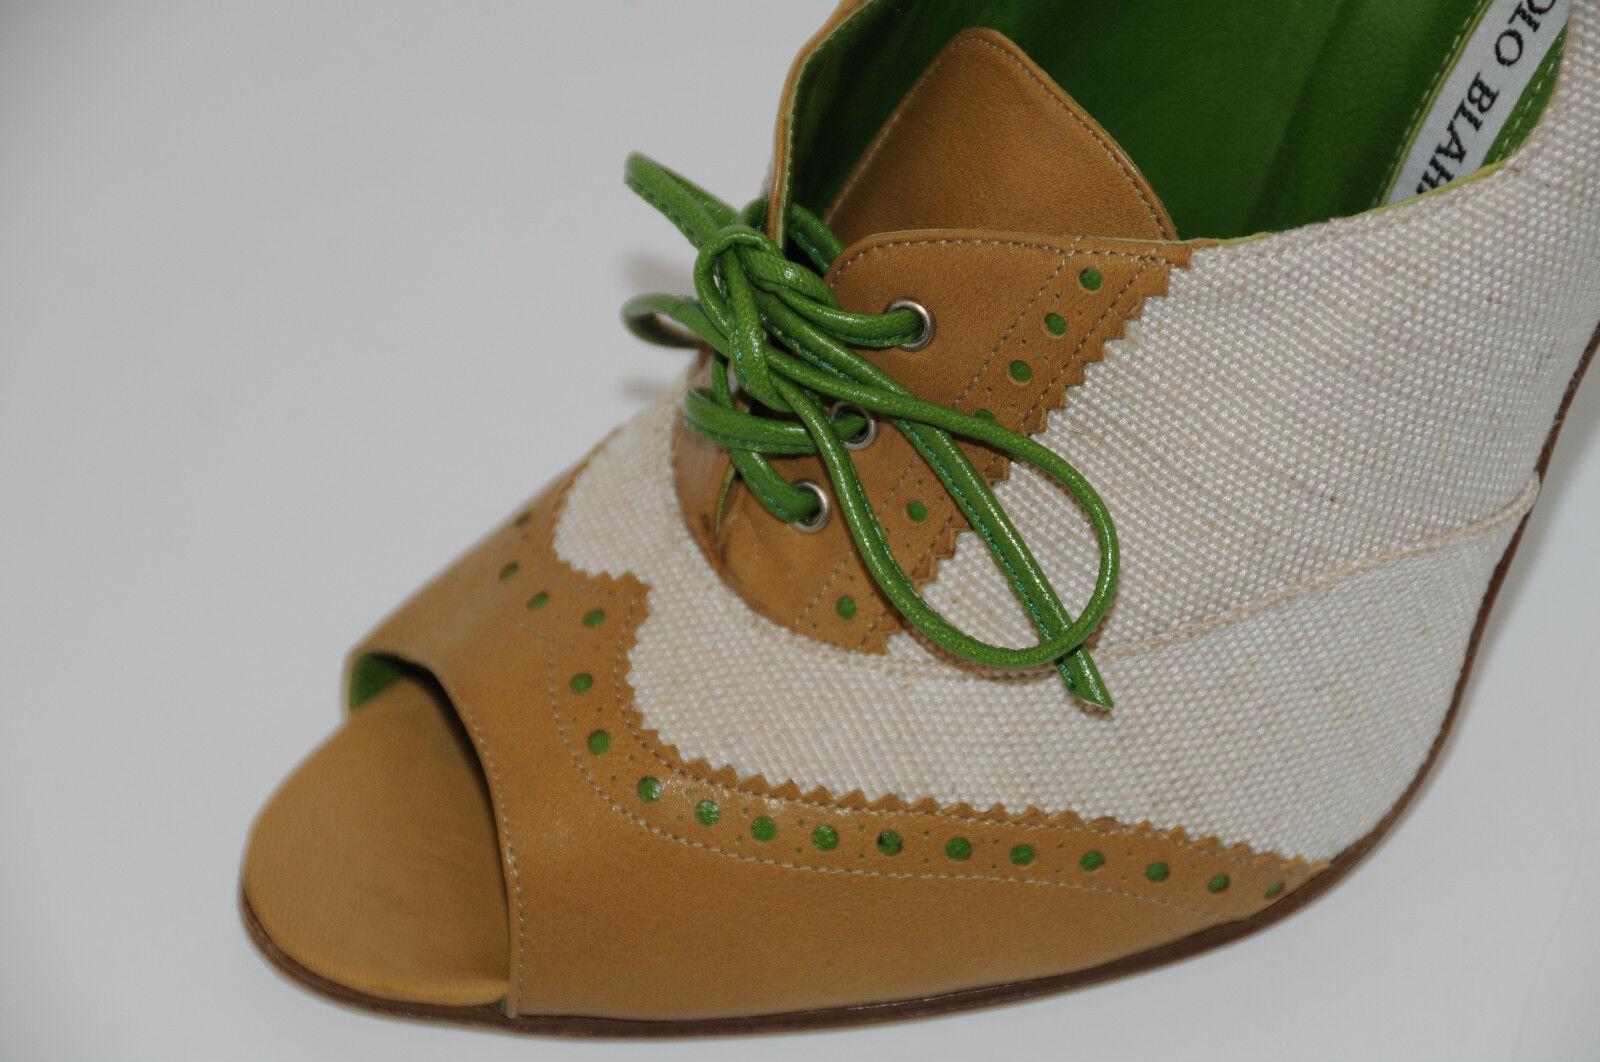 i nuovi marchi outlet online  1075 New MANOLO BLAHNIK Linen Linen Linen Marrone verde Peep Toe avvioIES  scarpe 41  Heels  buon prezzo